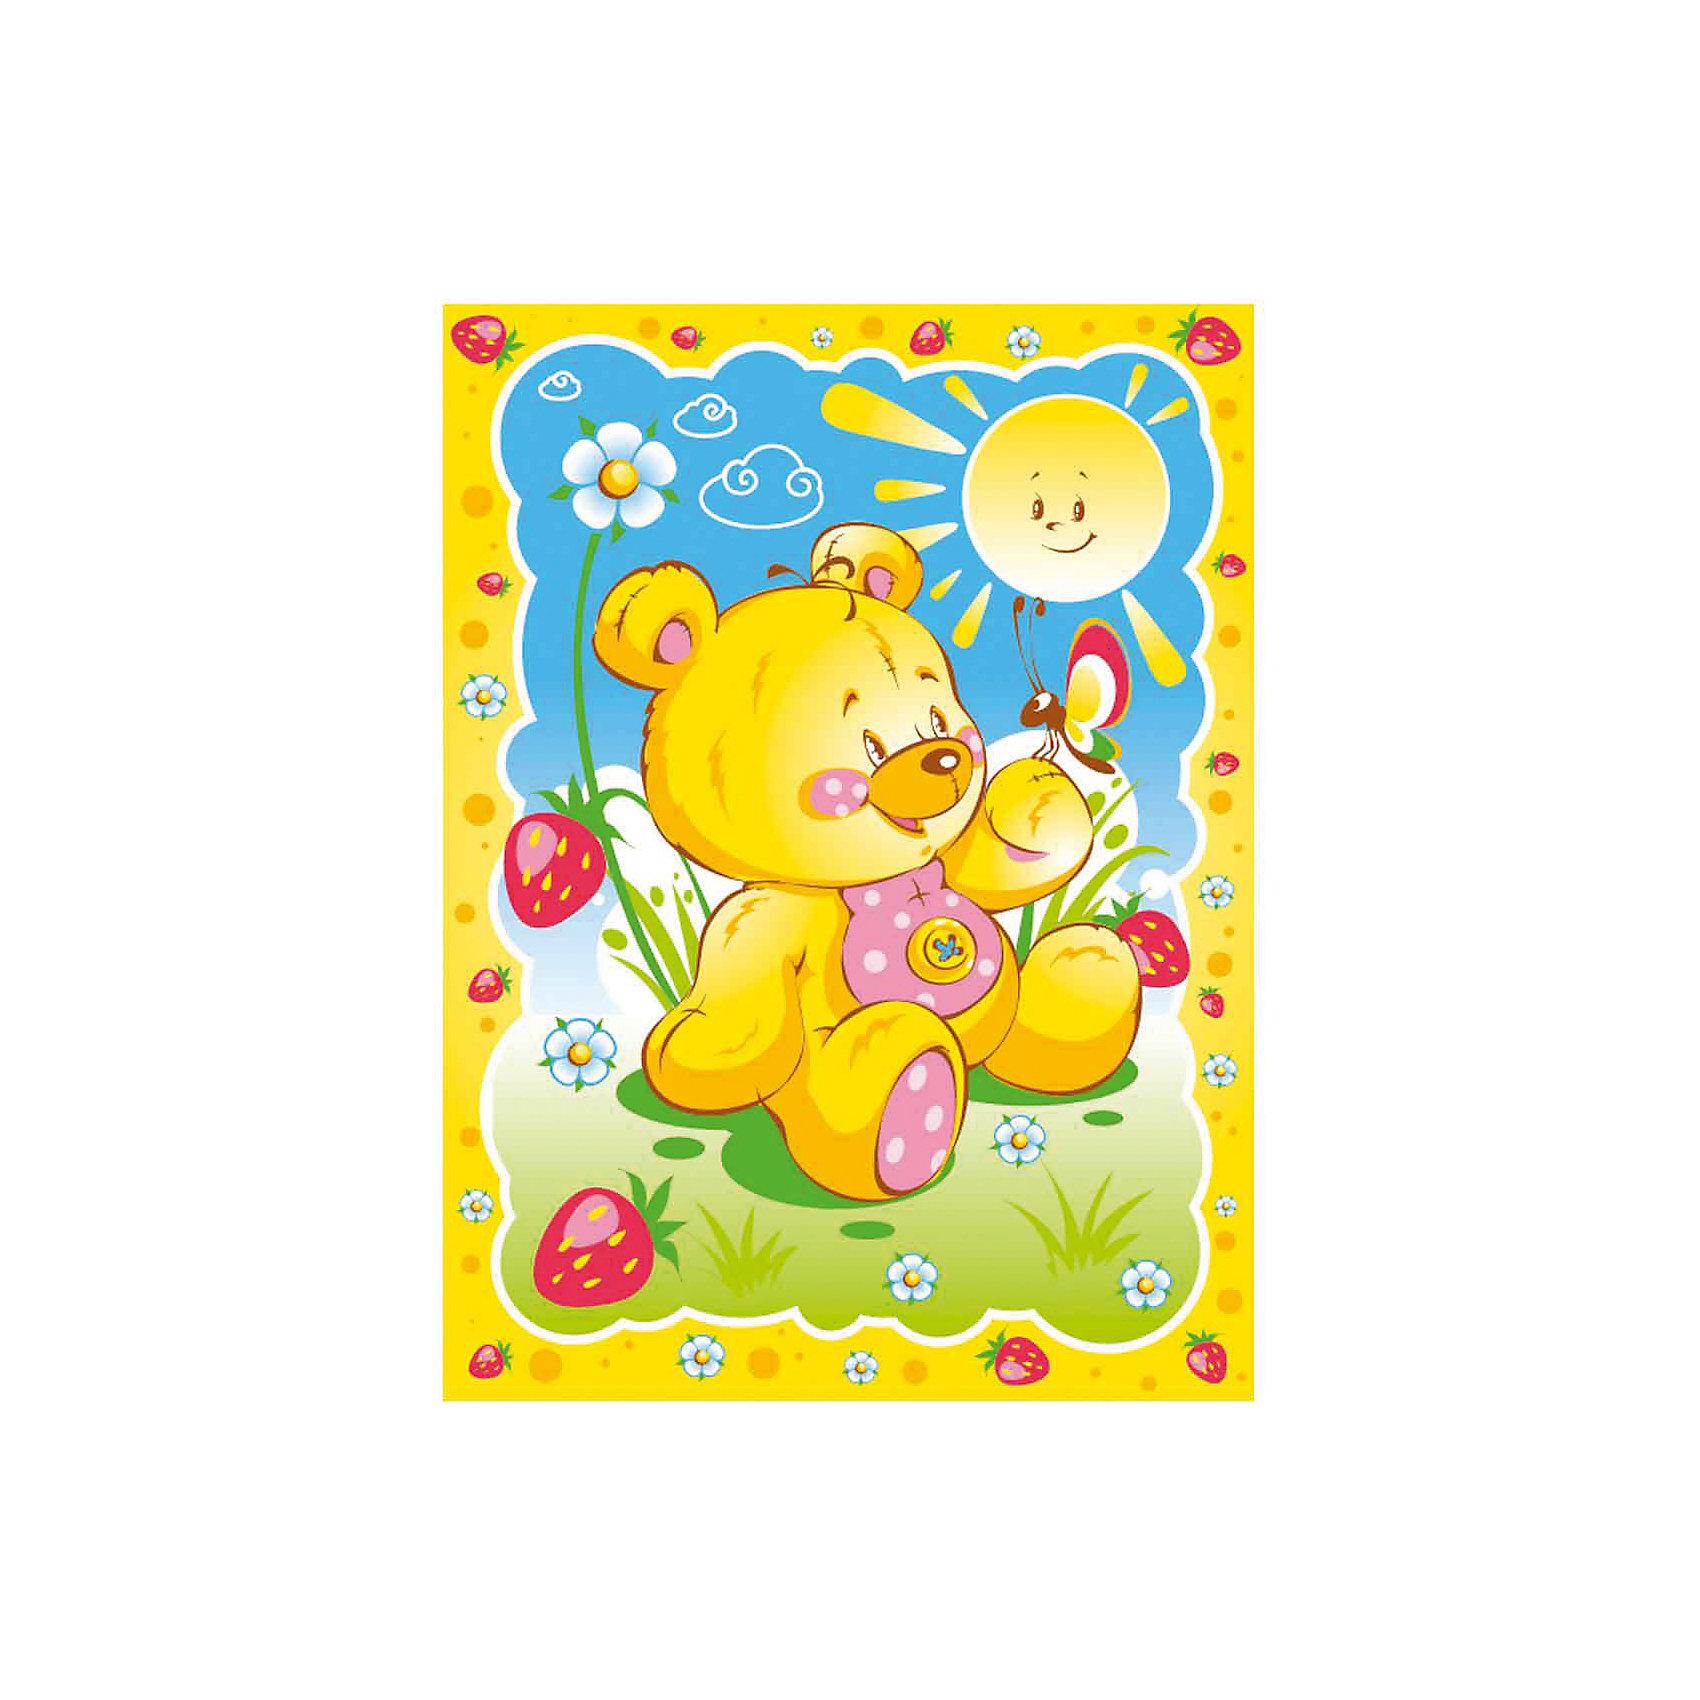 Одеяло байковой Солнечный Мишка 85х115, Baby NiceОдеяла, пледы<br>Мягкое байковое одеяло Солнечный мишка подарит малышам крепкий, комфортный и здоровый сон. Одеяло выполнено из натурального хлопка, прекрасно пропускает воздух, сохраняя при этом тепло, что обеспечивает поддержание комфортного микроклимата как дома, так и на прогулке. Абсолютно гипоаллергенное, идеально подходит для новорожденных детей. <br><br>Дополнительная информация:<br><br>- Материал: хлопок 100%.<br>- Размер: 115х85 см. <br>- Отделка: оверлок.<br>- Цвет: желтый.<br>- Декоративные элементы: принт (мишка).<br>- Одностороннее.  <br>- Стирка: машинная при 40 ?. <br><br>Одеяло байковой Солнечный Мишка 85х115, Baby Nice (Беби Найс), можно купить в нашем магазине.<br><br>Ширина мм: 40<br>Глубина мм: 5<br>Высота мм: 30<br>Вес г: 500<br>Возраст от месяцев: 0<br>Возраст до месяцев: 60<br>Пол: Унисекс<br>Возраст: Детский<br>SKU: 4058254